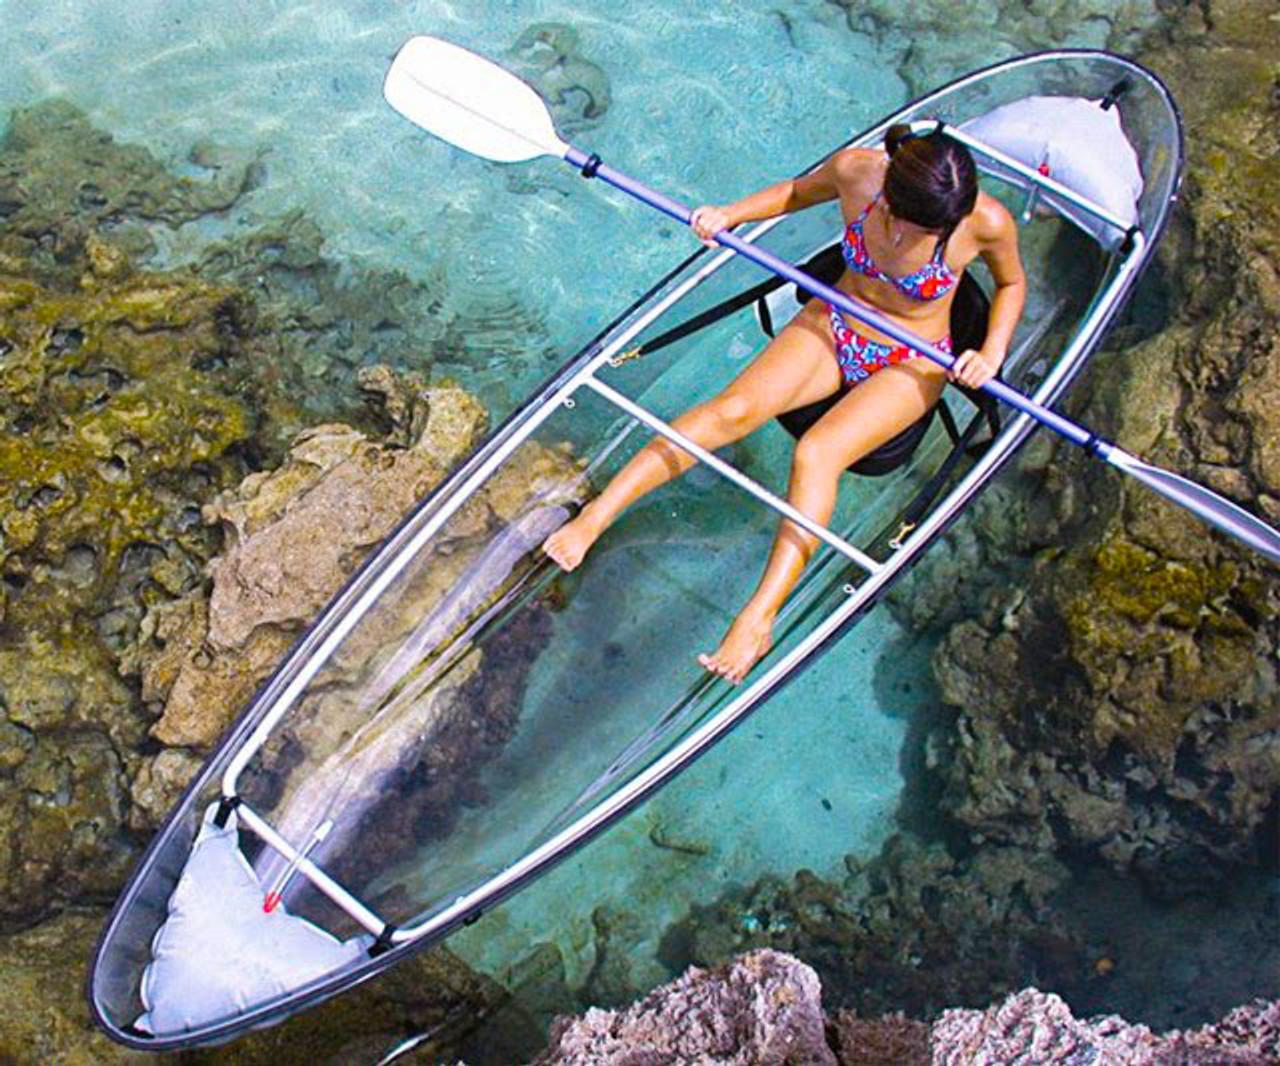 Crystal Explorer Kayak